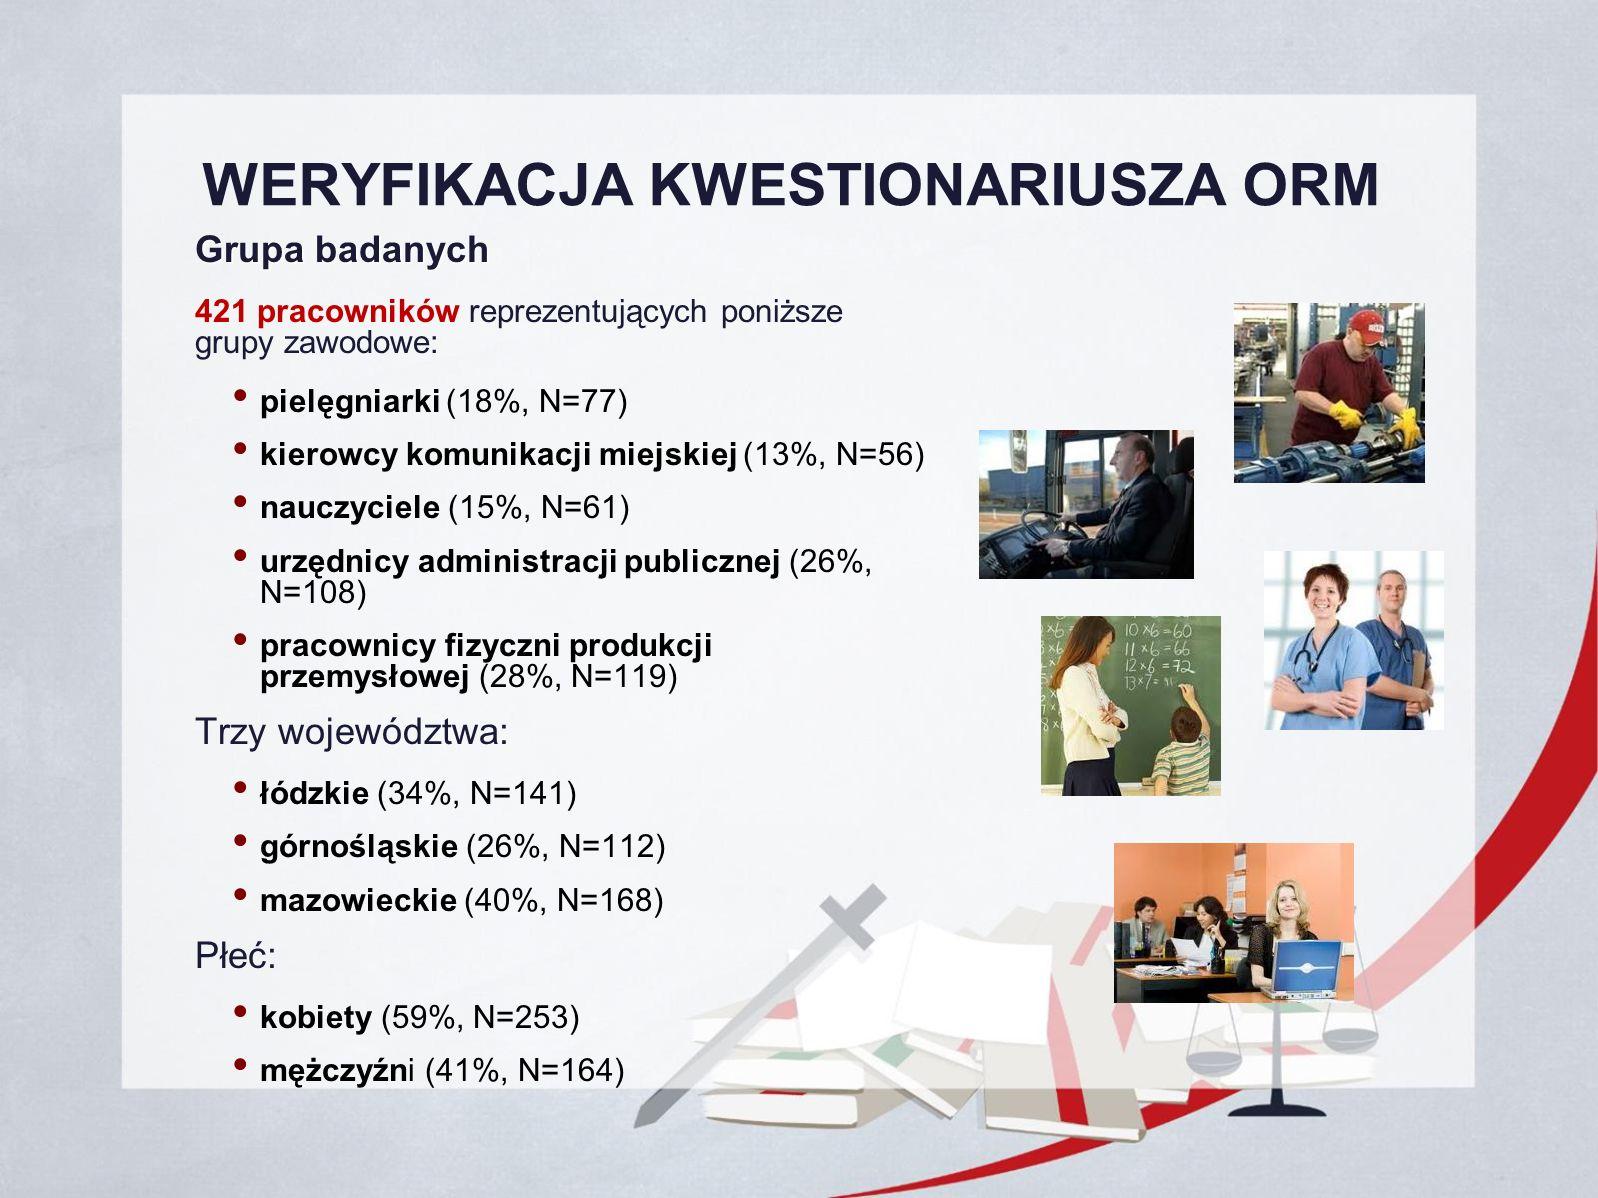 WERYFIKACJA KWESTIONARIUSZA ORM Grupa badanych 421 pracowników reprezentujących poniższe grupy zawodowe: pielęgniarki (18%, N=77) kierowcy komunikacji miejskiej (13%, N=56) nauczyciele (15%, N=61) urzędnicy administracji publicznej (26%, N=108) pracownicy fizyczni produkcji przemysłowej (28%, N=119) Trzy województwa: łódzkie (34%, N=141) górnośląskie (26%, N=112) mazowieckie (40%, N=168) Płeć: kobiety (59%, N=253) mężczyźni (41%, N=164)